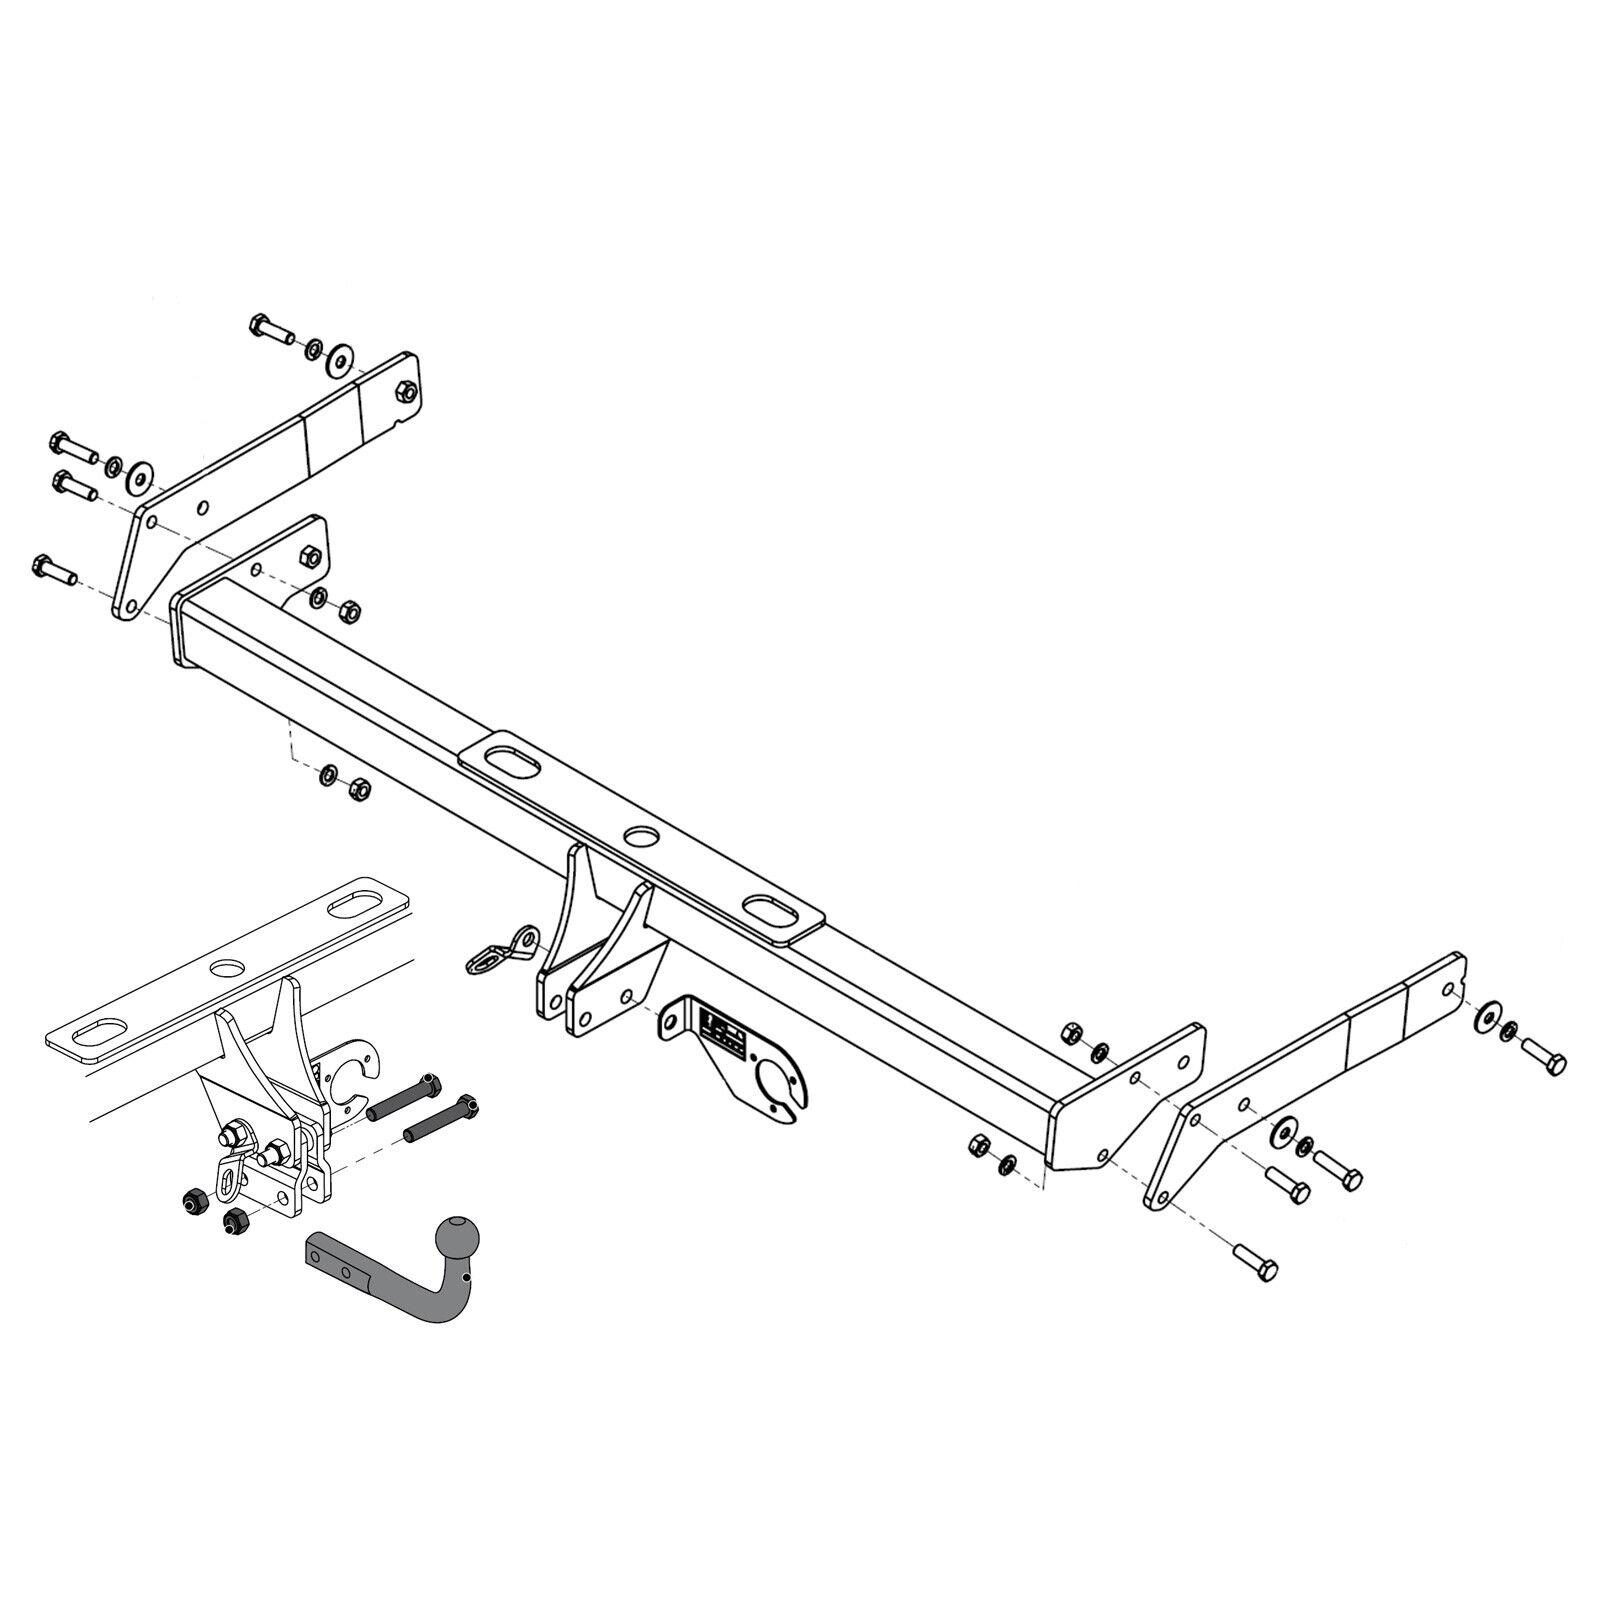 Sep 2010 Onwards 7N 13 pin Dedicated Towing Electrics Kit Seat Alhambra MPV